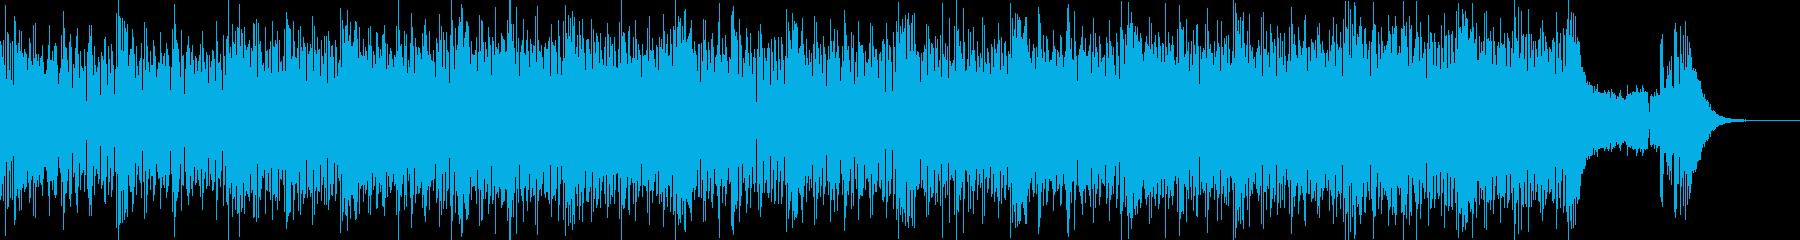 軽快なシンセメロのギターロックポップの再生済みの波形